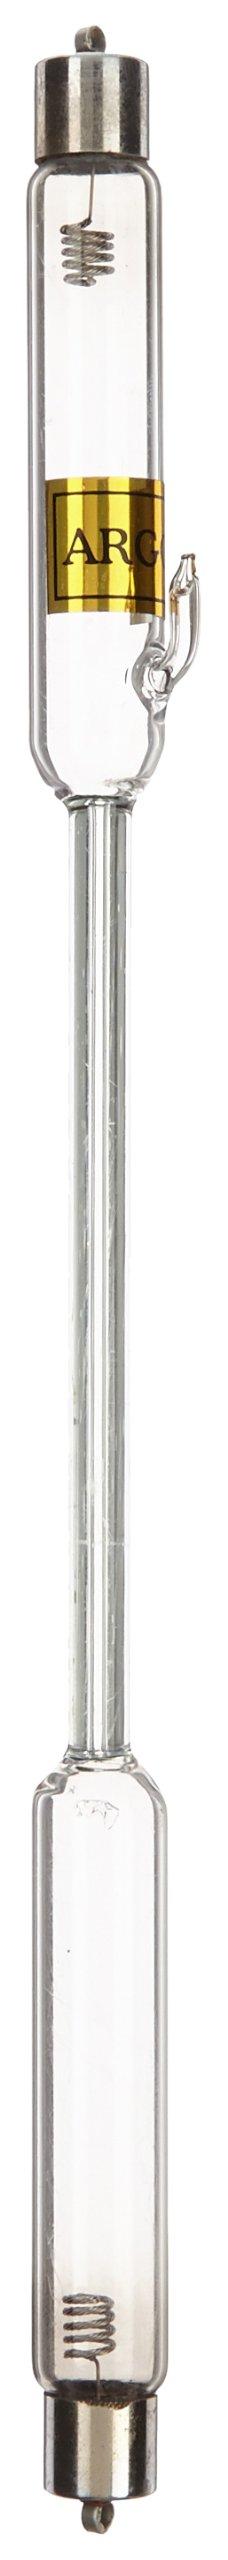 EISCO Premium Spectrum Tube, 26cm Height, Argon (Ar)